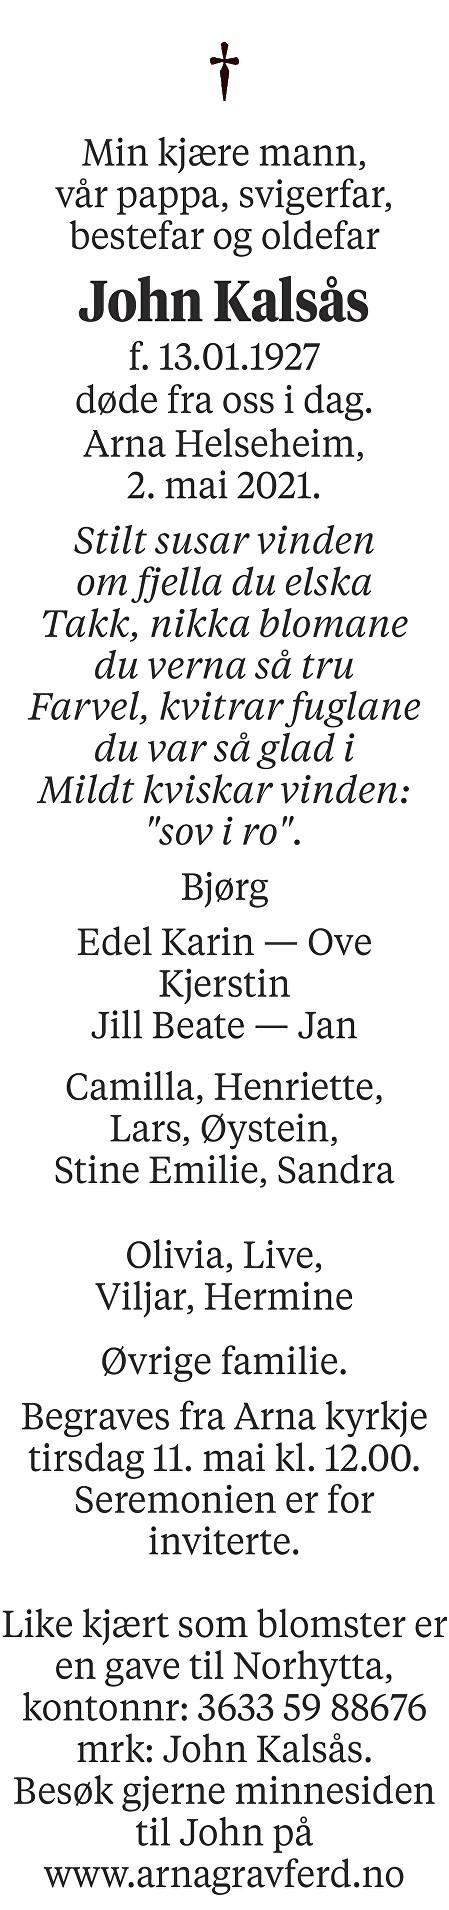 John Kalsås Dødsannonse